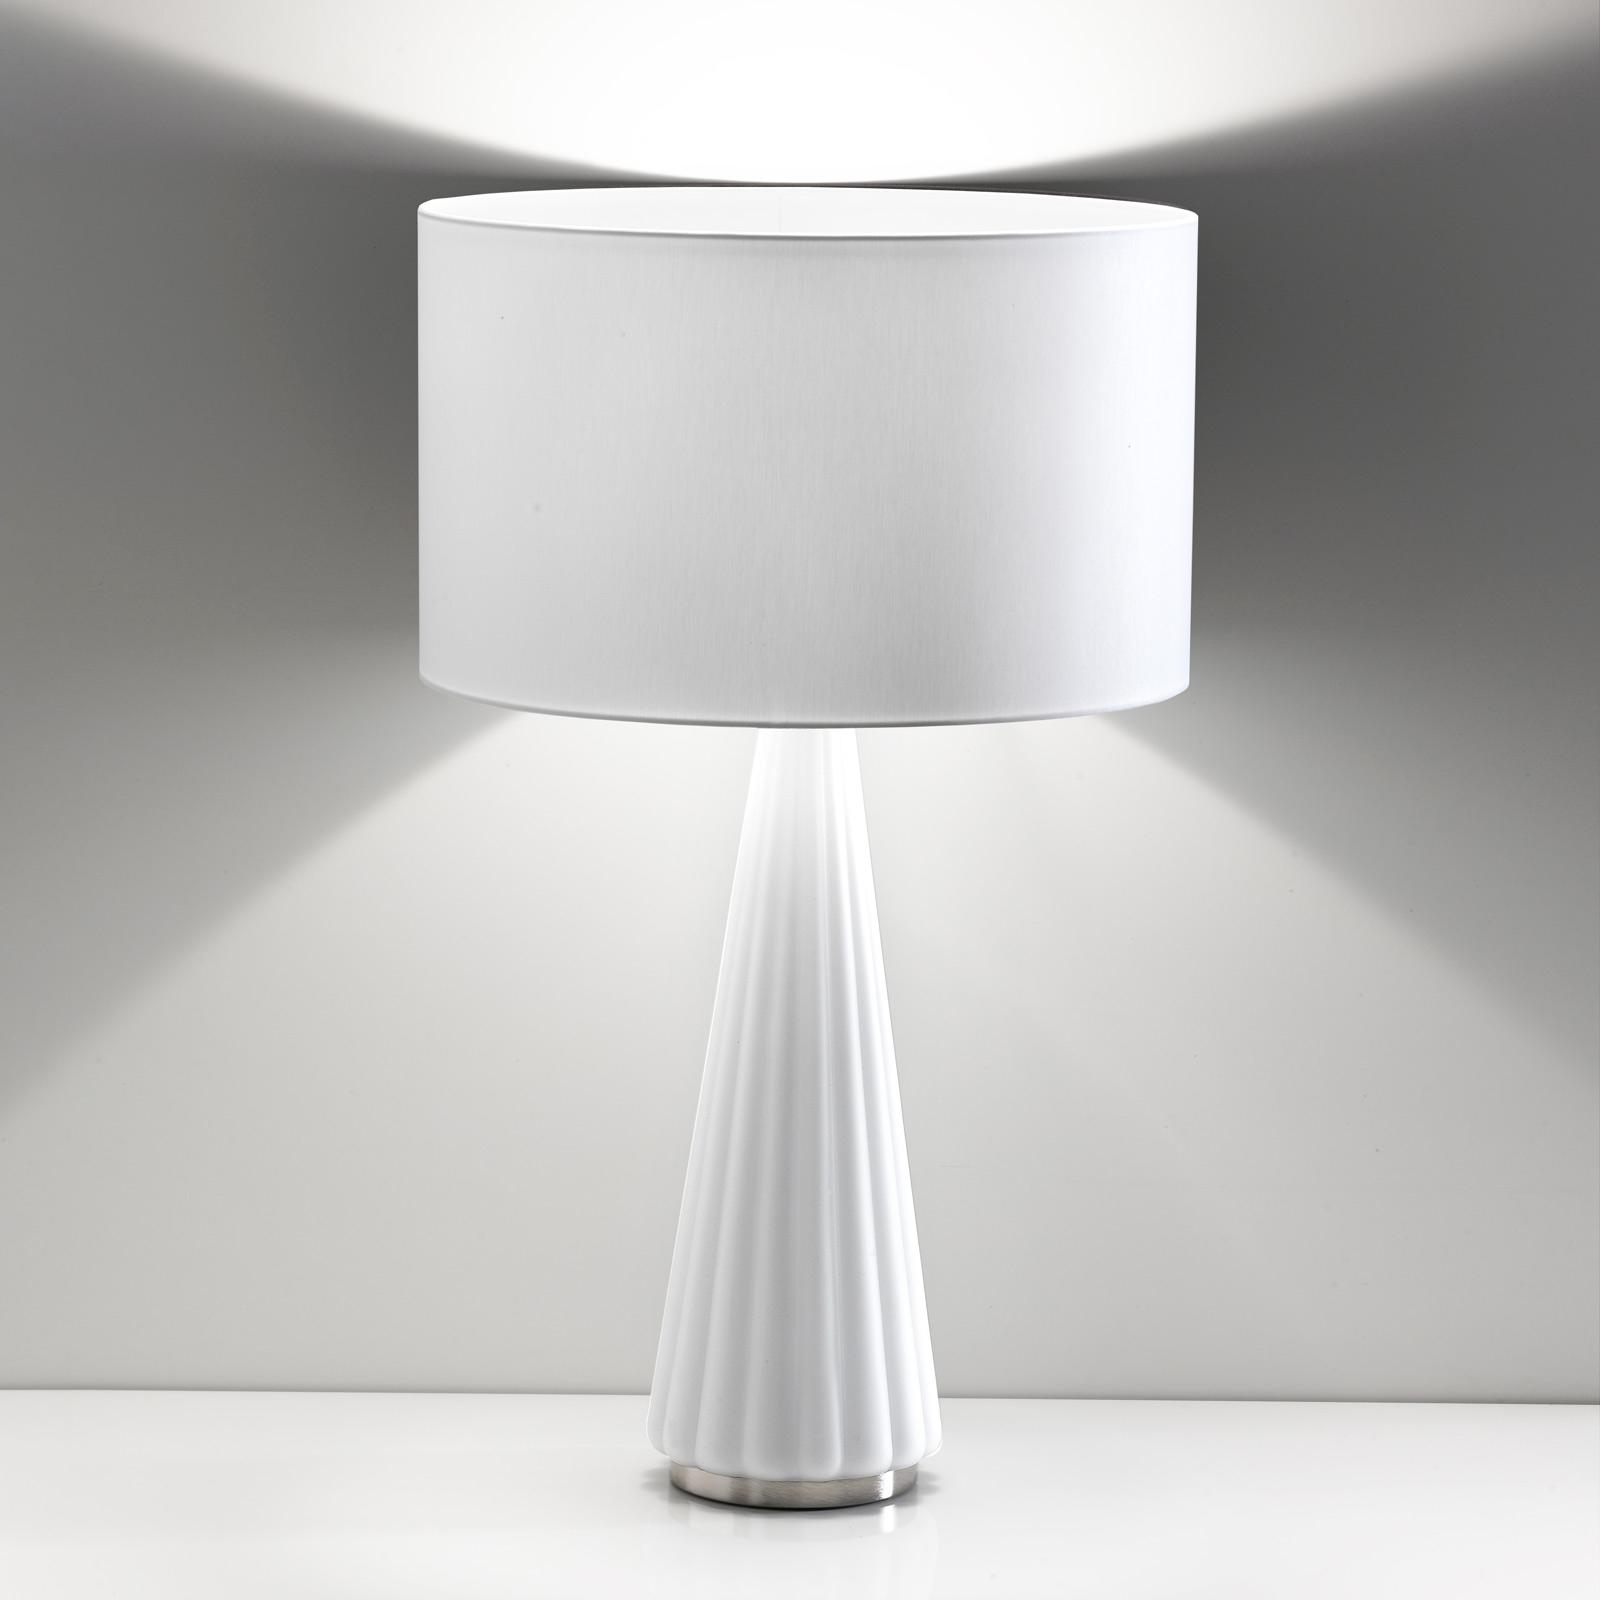 Pöytälamppu Costa Rica valkoinen, valkoinen